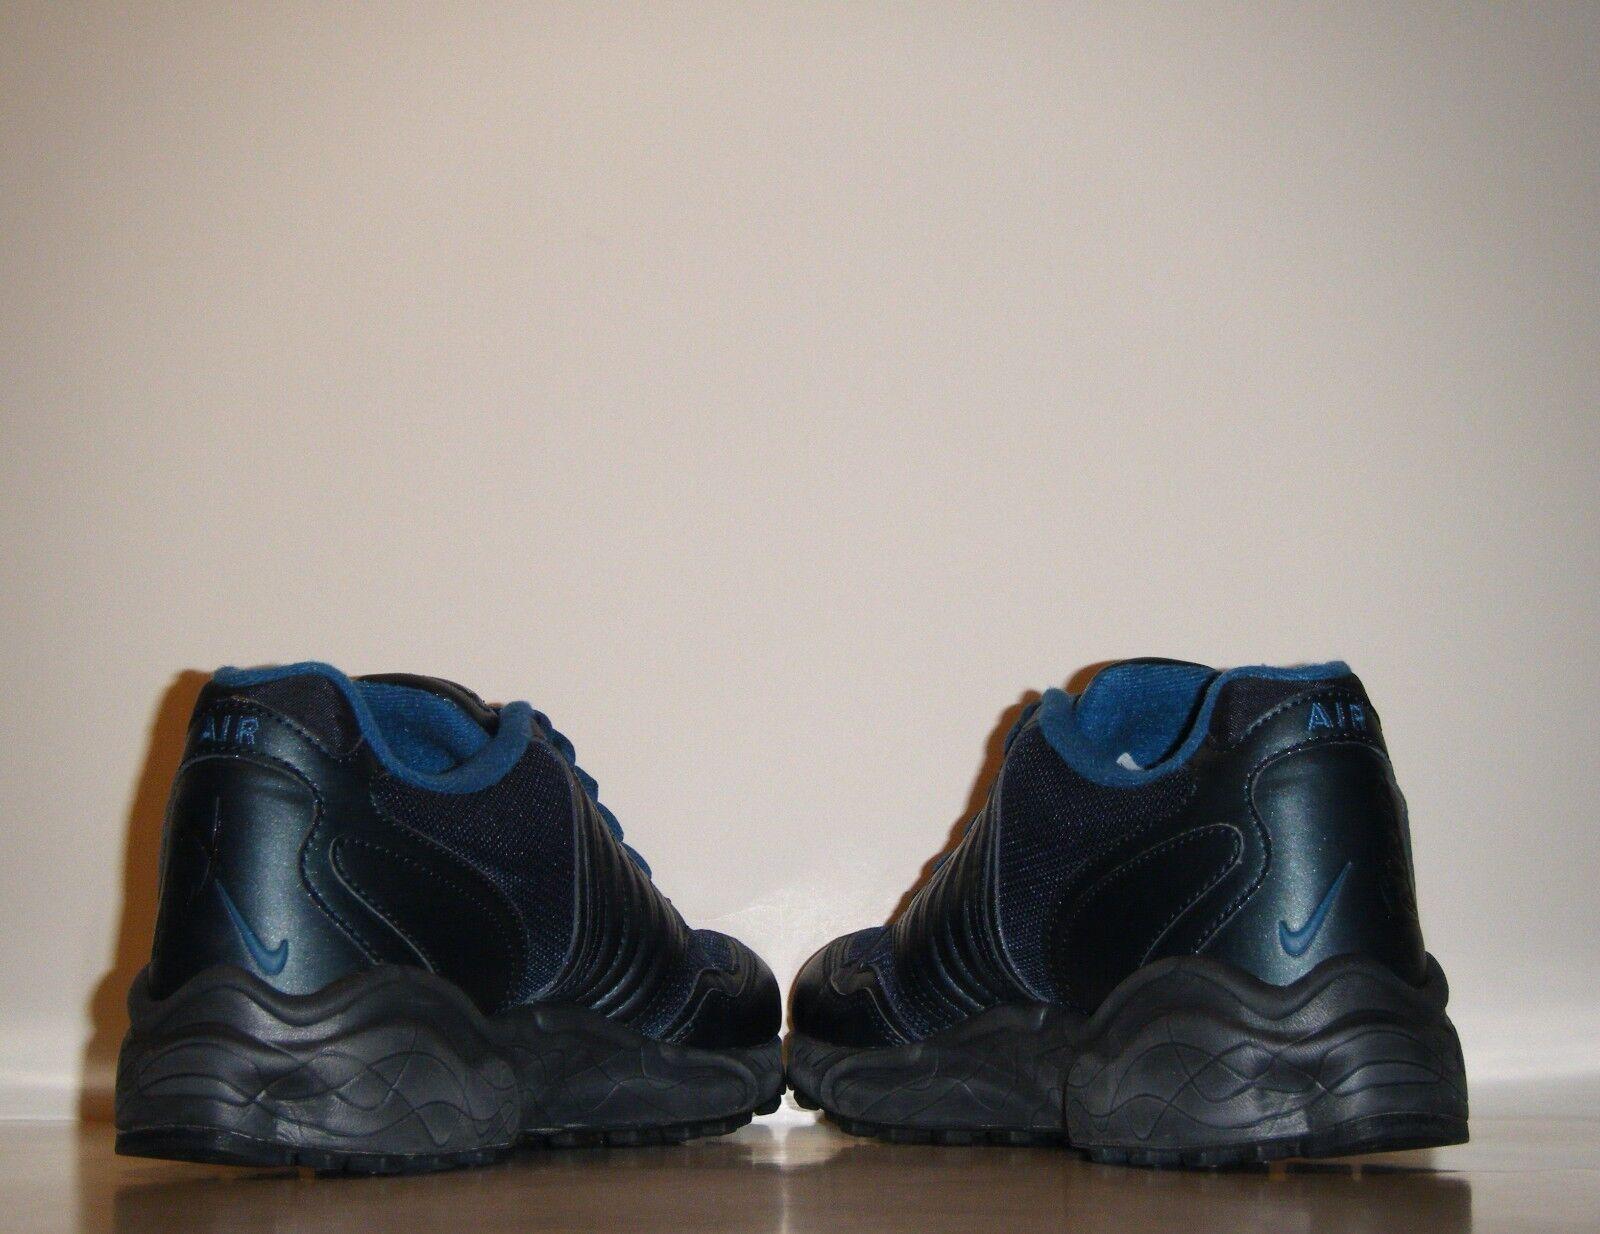 Vtg OG Nike Zoom Air Talaria Premium Premium Premium Look See Sample 9 Promo NikeLab Max Trainer 8f2170